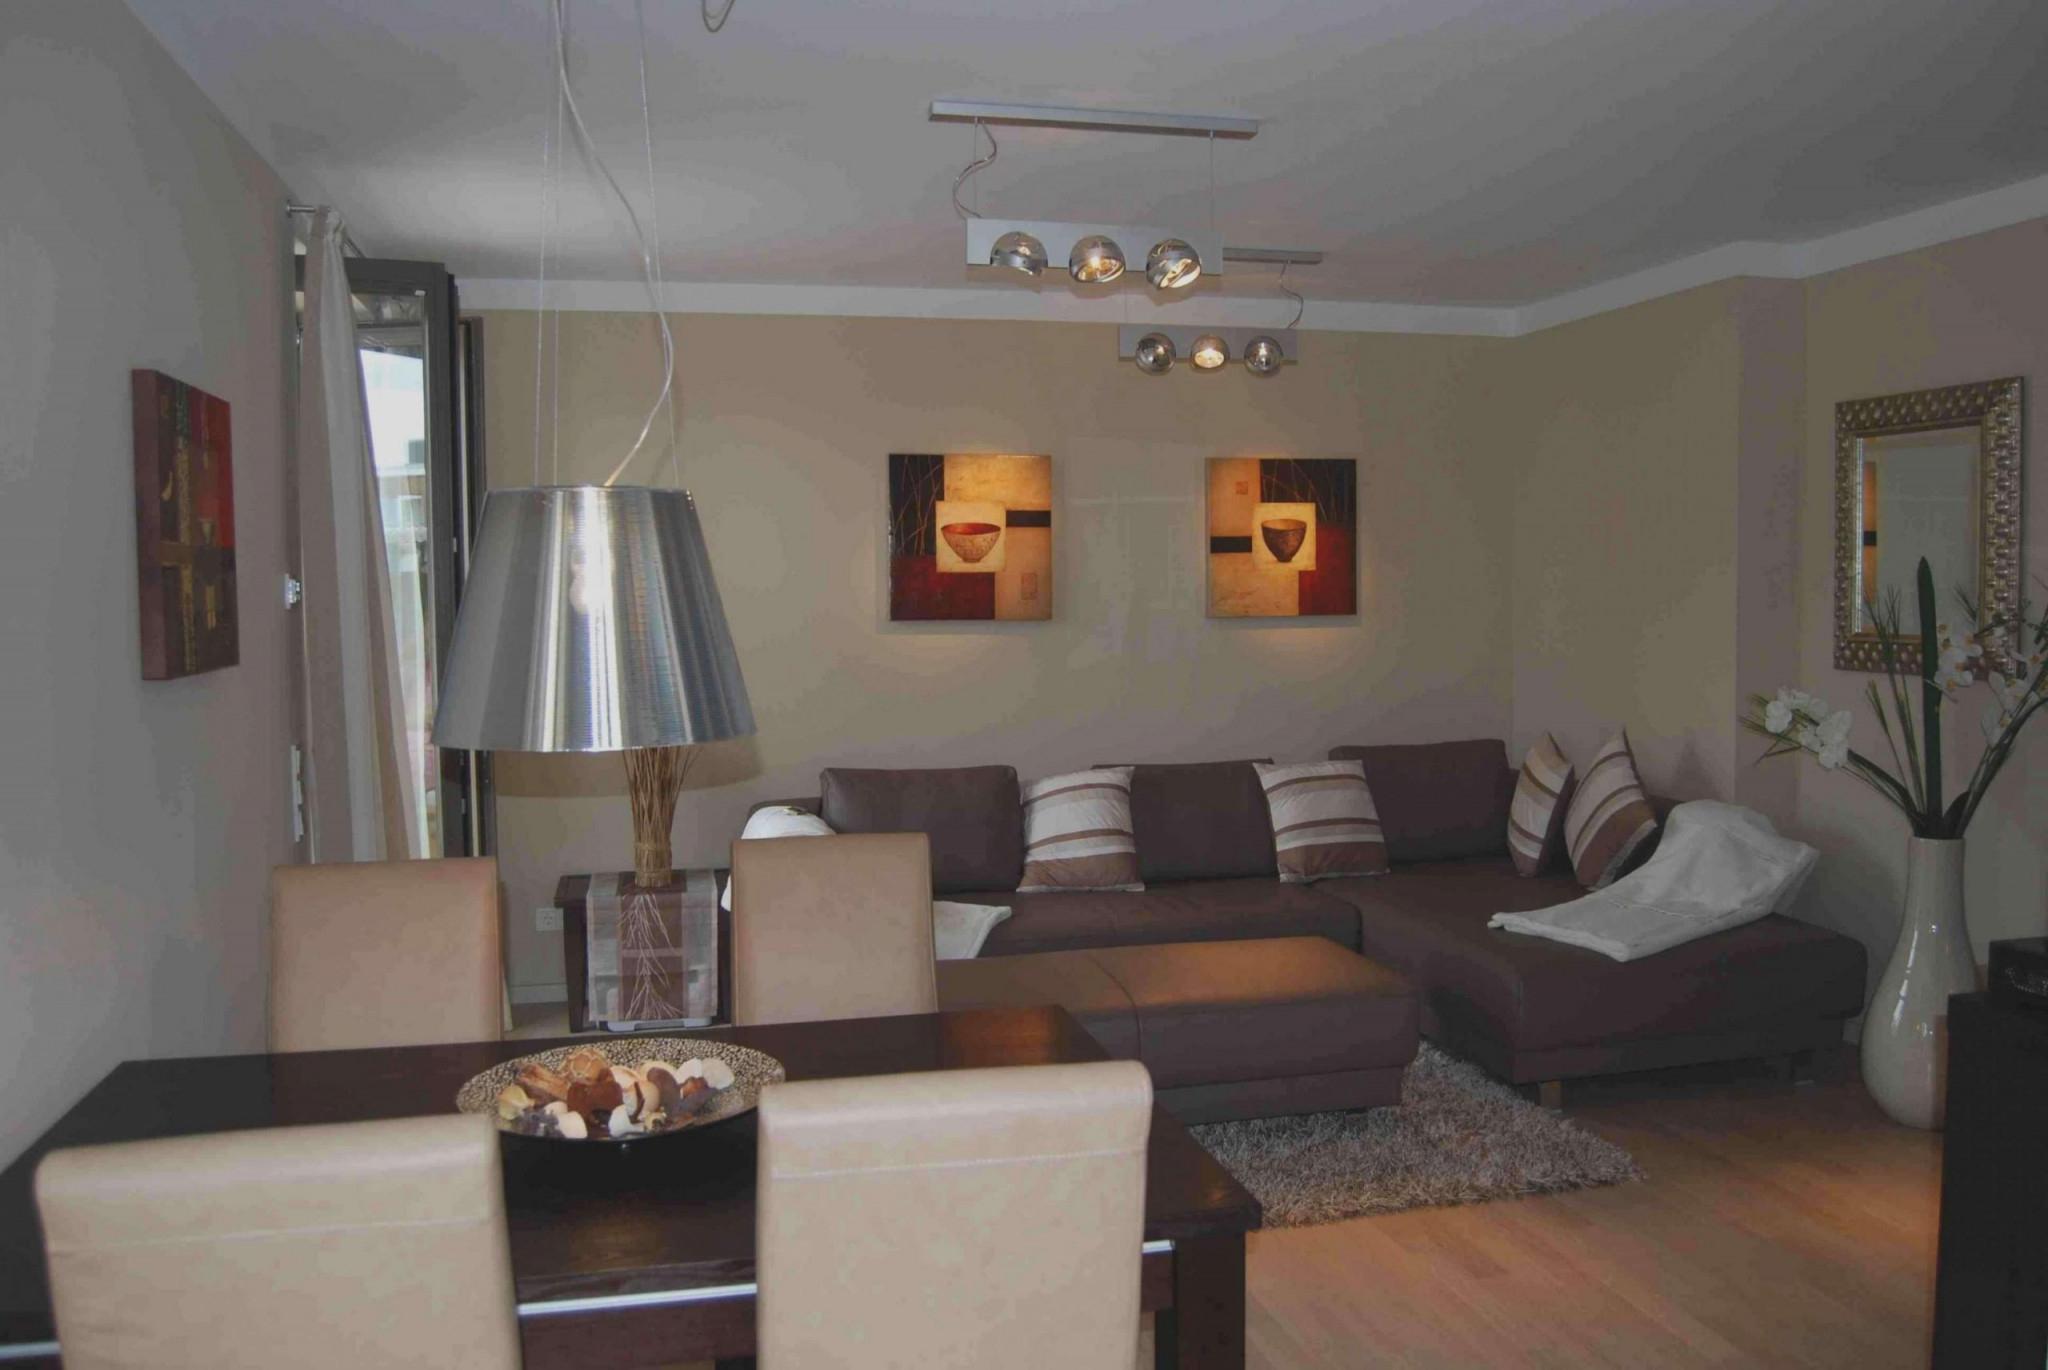 30 Luxus Kleines Wohnzimmer Mit Essbereich Einrichten von 30 Qm Wohnzimmer Einrichten Photo